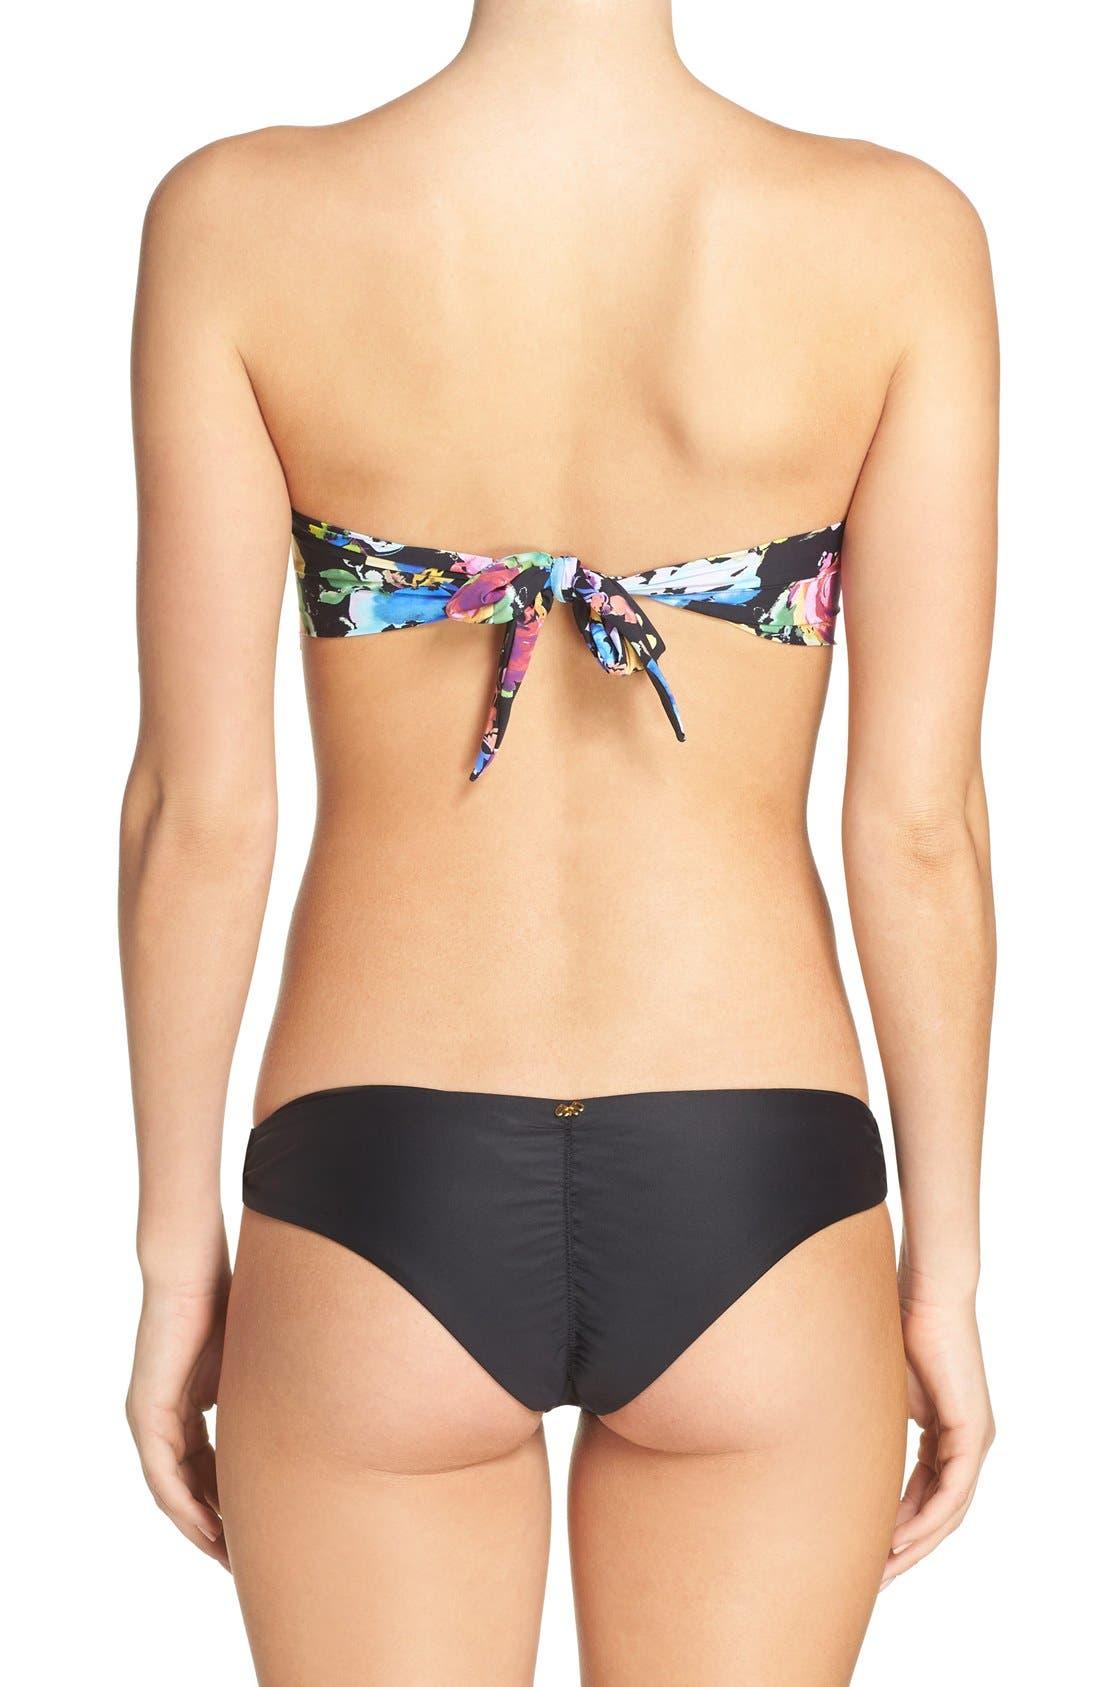 Bikini Bottoms,                             Alternate thumbnail 10, color,                             001